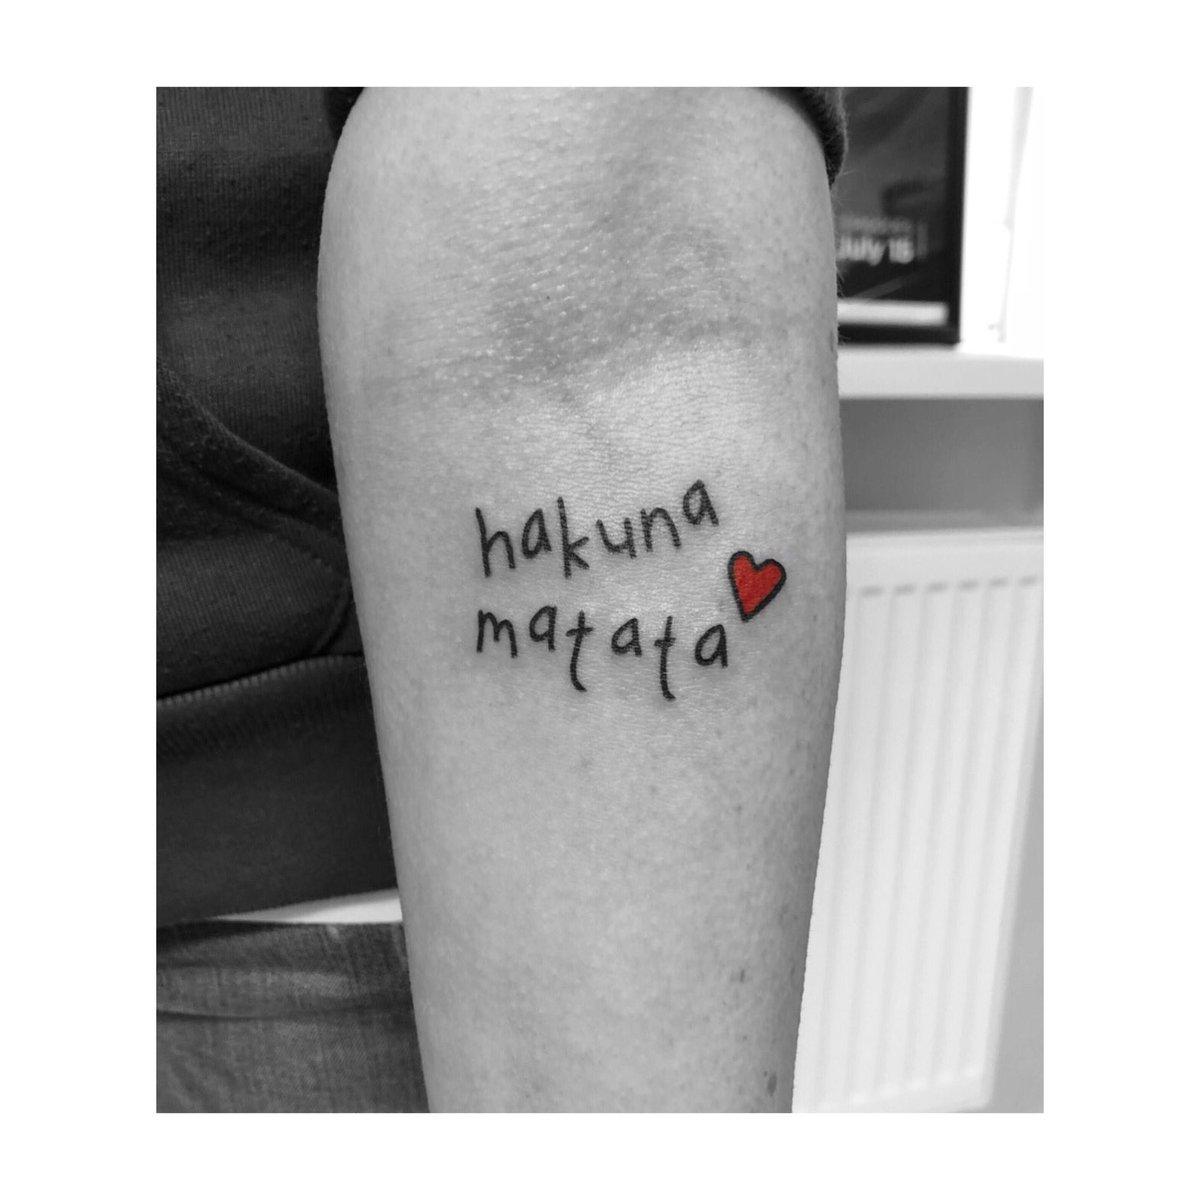 Hakuna matata tattoo with heart